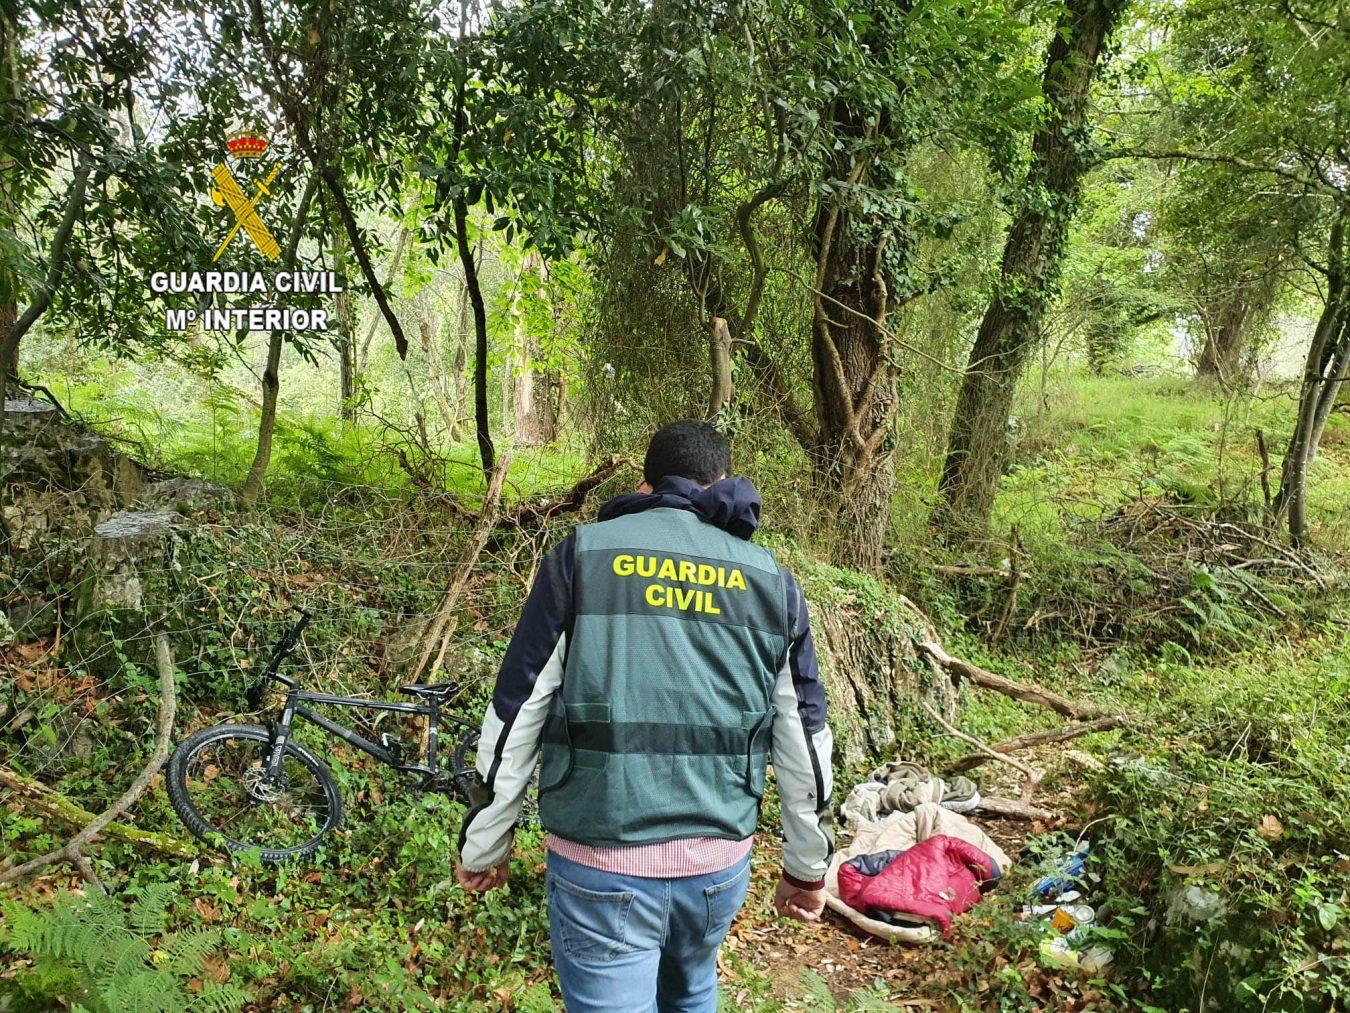 Detenido en Llanes el autor de nueve robos en La Rioja, Cantabria y Asturias. Se trata de un exmilitar francés de 46 años